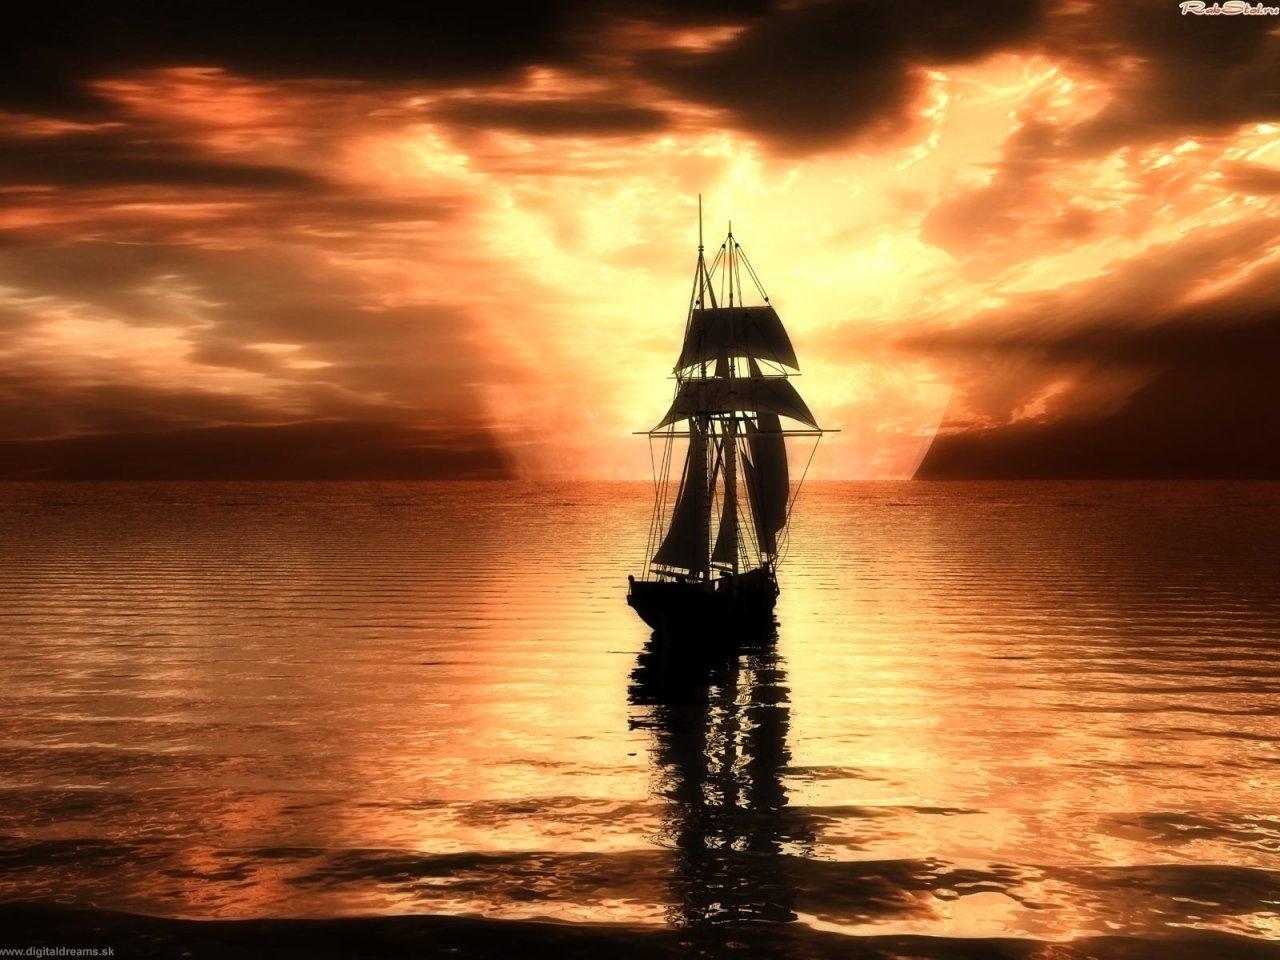 622 скачать обои Корабли, Пейзаж, Вода, Закат, Небо, Арт, Море - заставки и картинки бесплатно